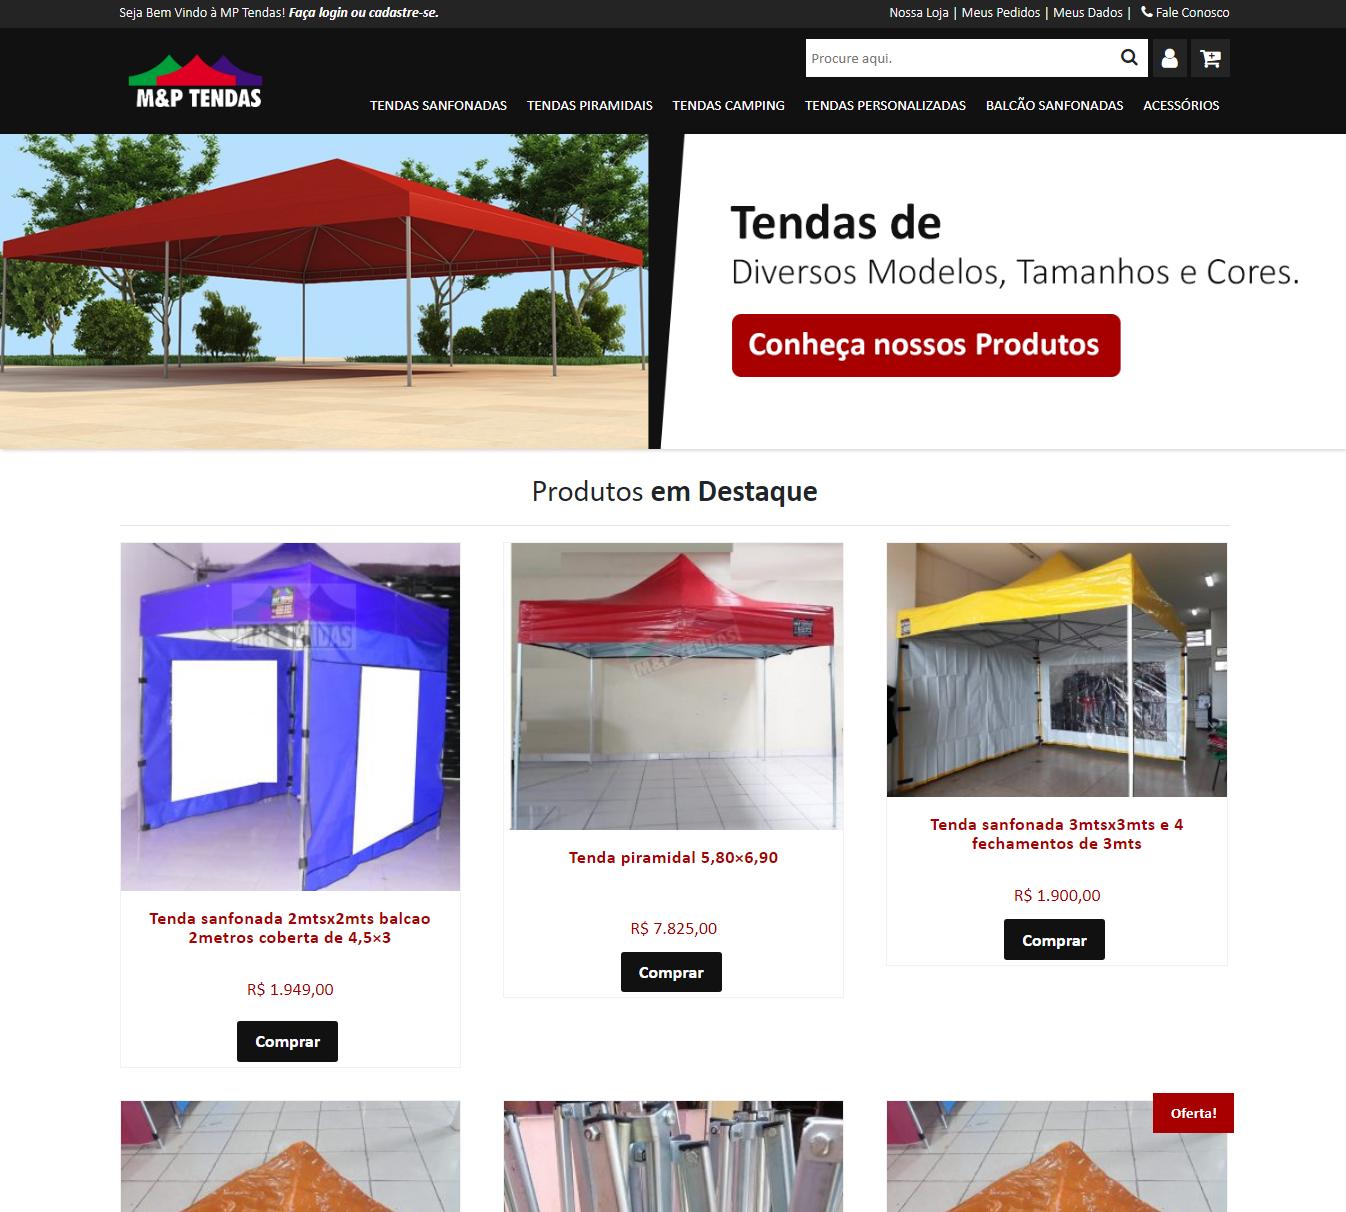 MP Tendas